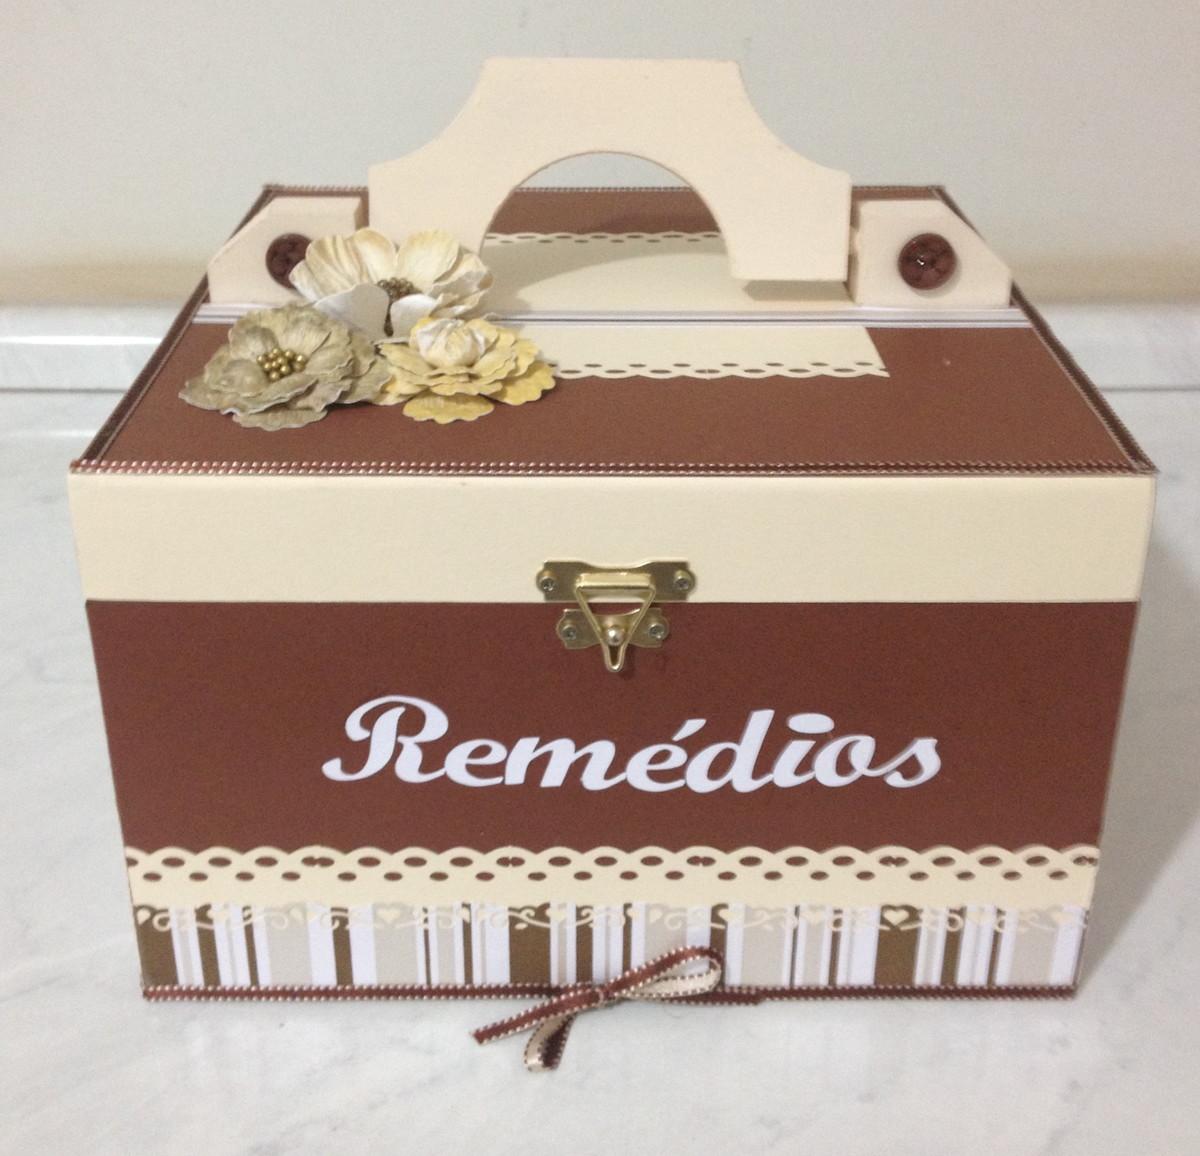 Caixa de remédios em MDF Cristiane Zitelli Rettondini Elo7 #8D753E 1200x1156